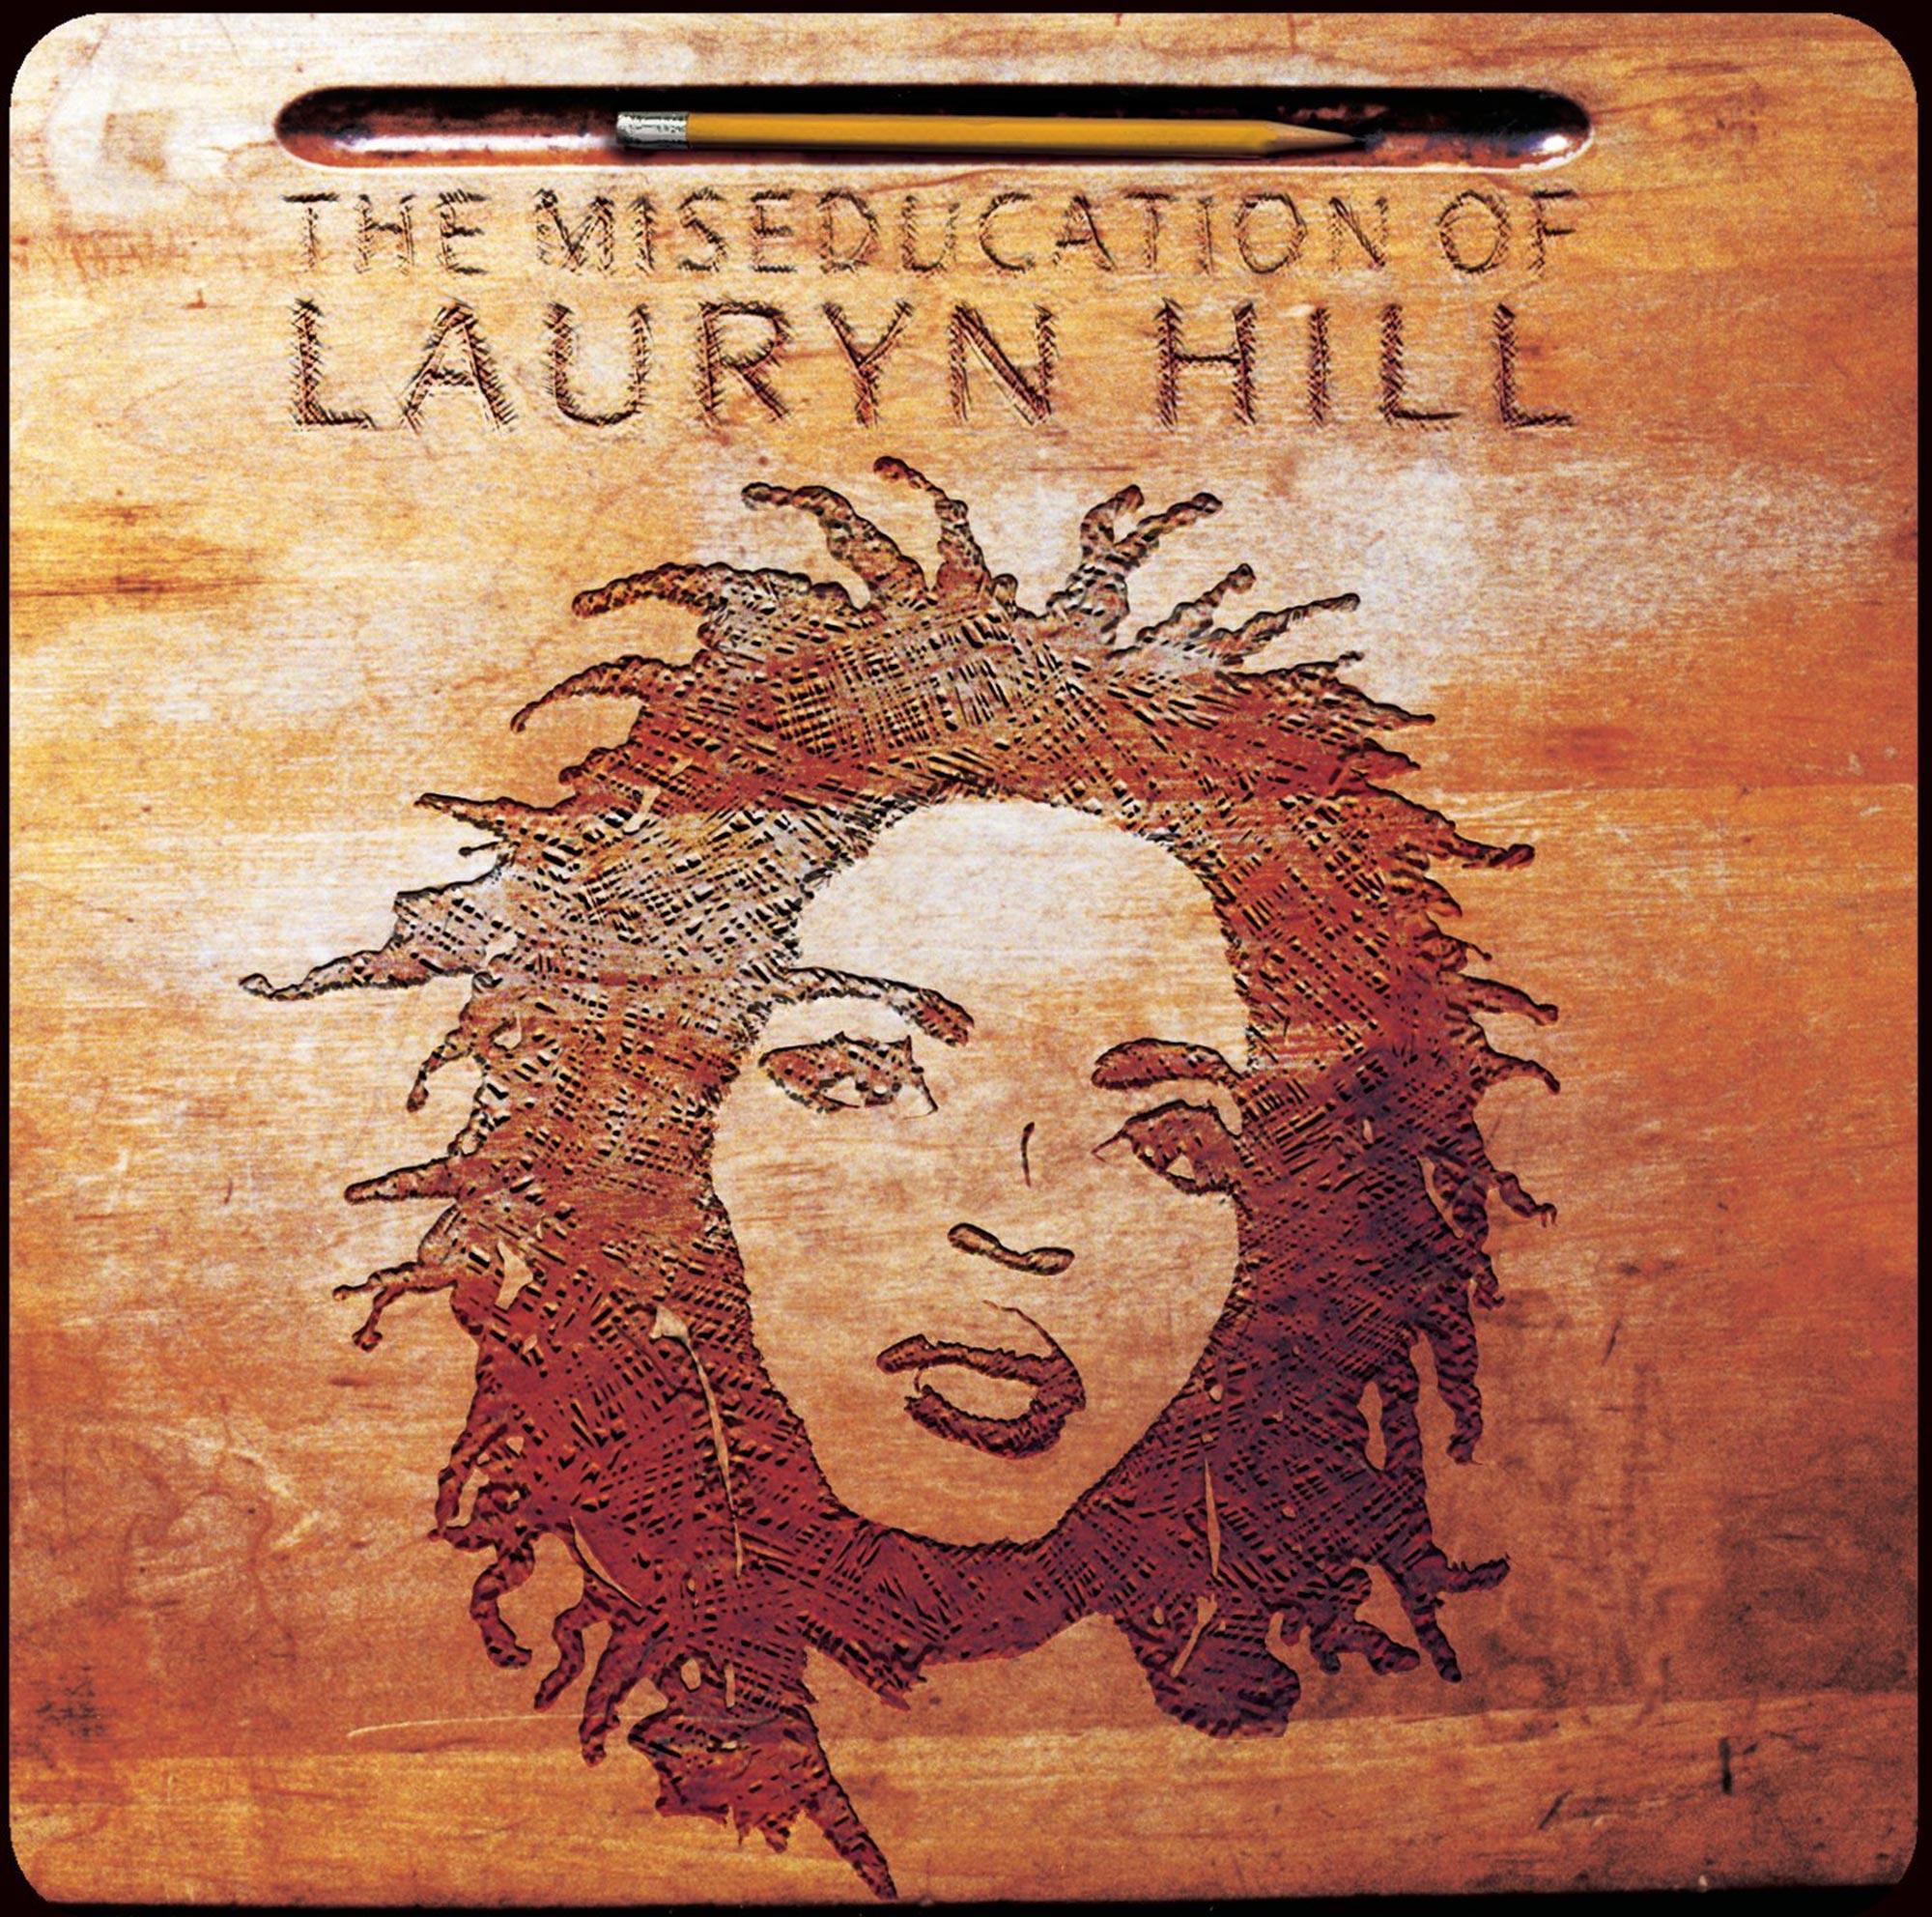 Lauryn Hill – The Miseducation of Lauryn Hill (1998)